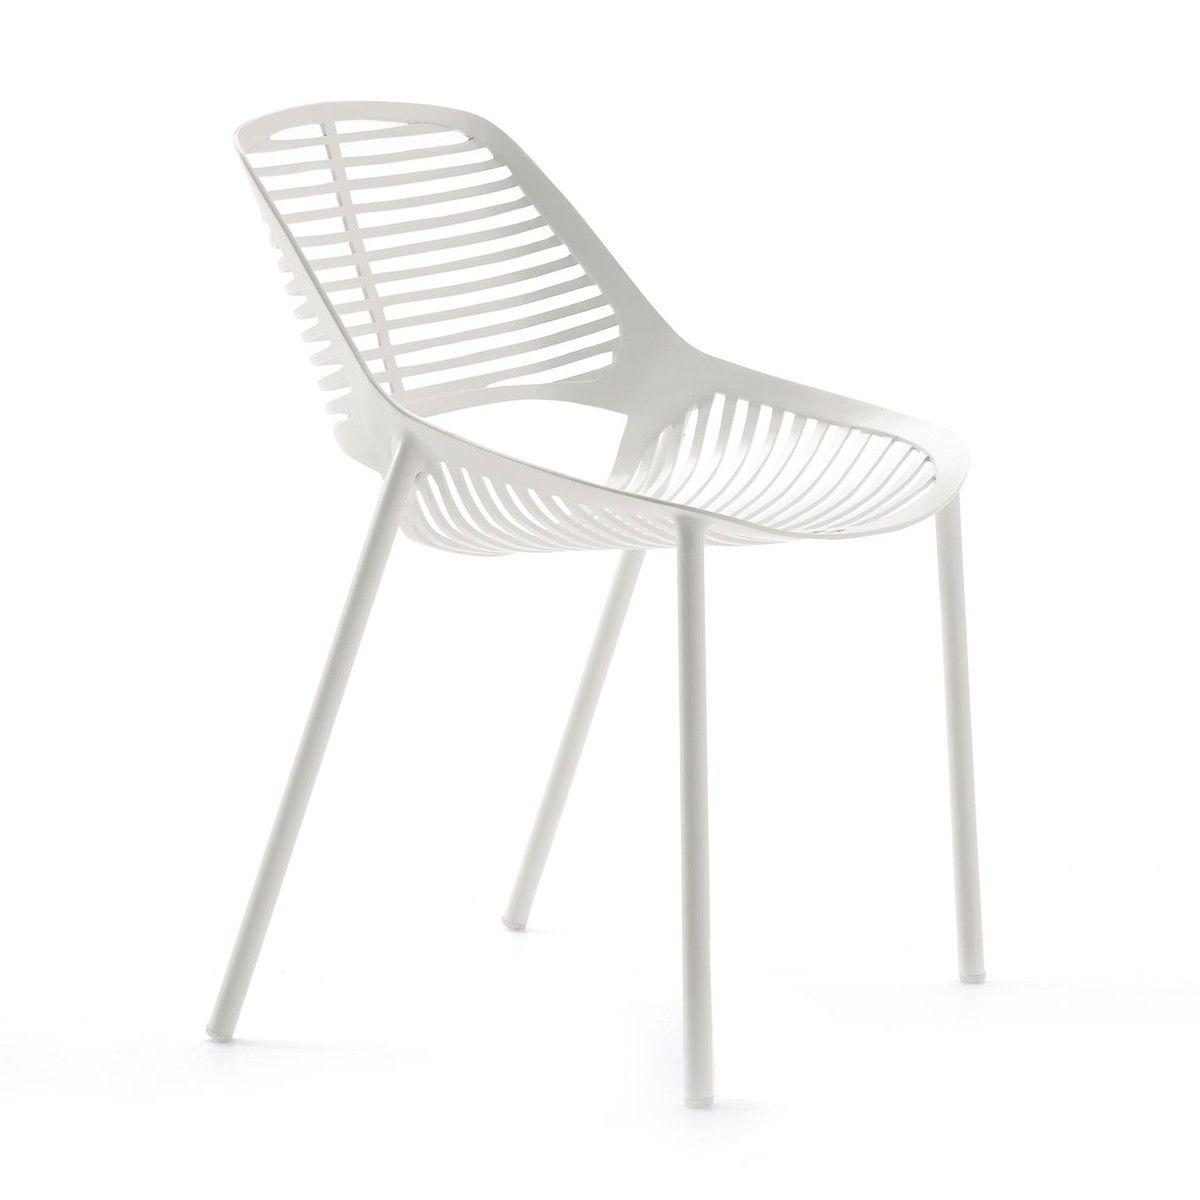 Weishäupl - Niwa Gartenstuhl - weiß   Concourse Furniture ...